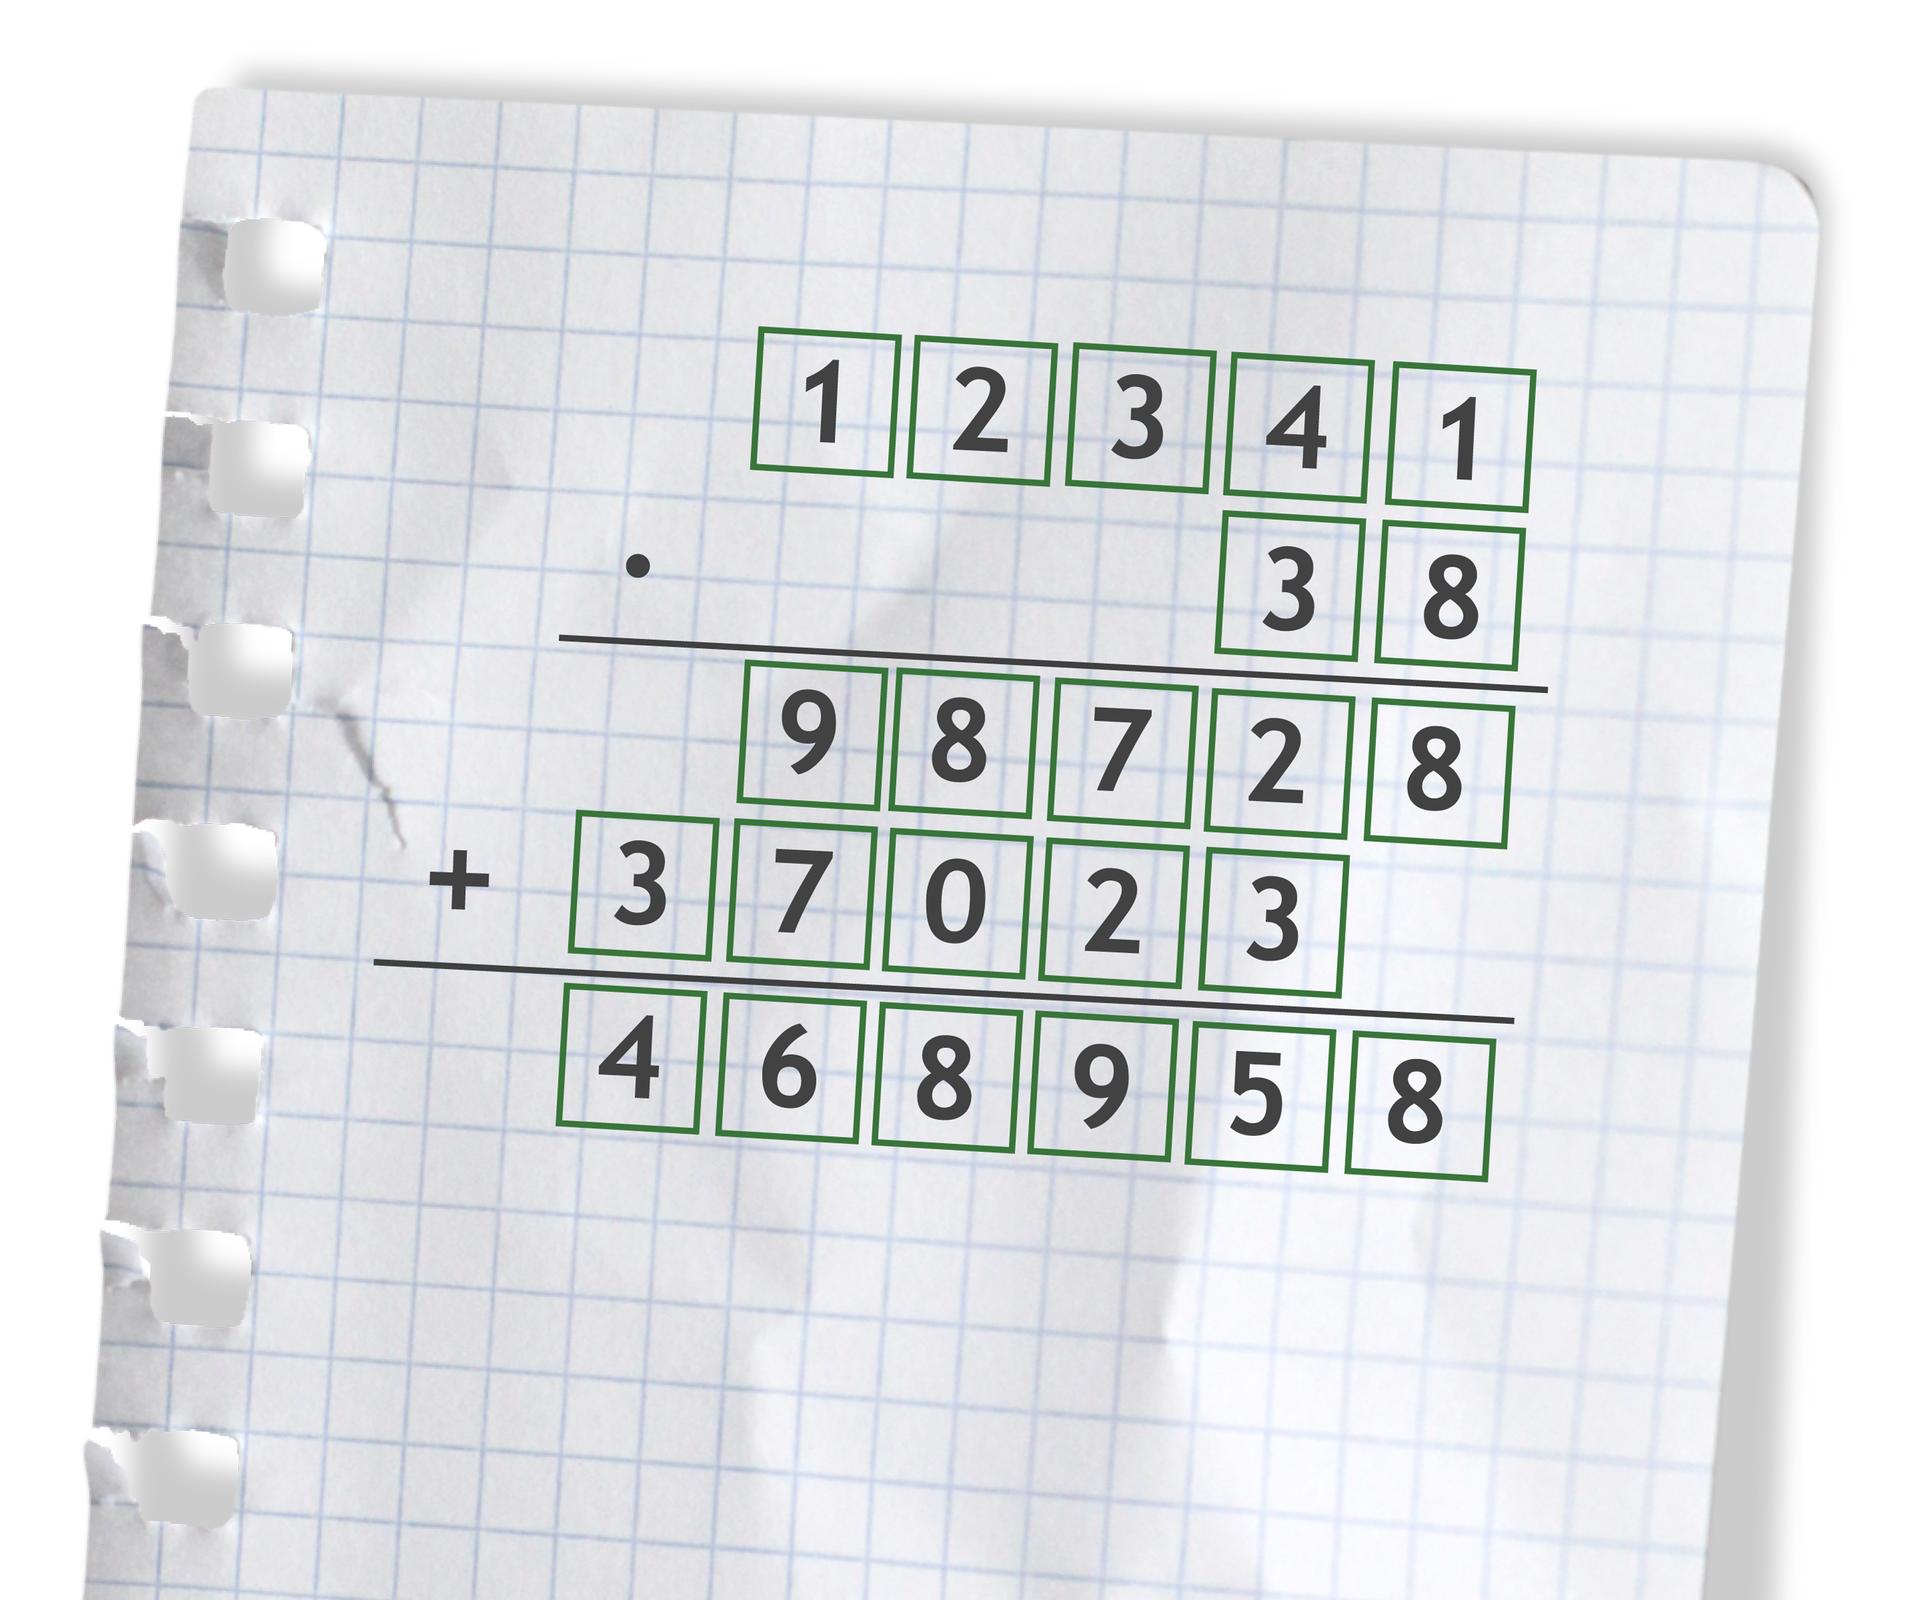 Przykład: 12341 razy 38 =468958. Rozwiązanie zadania podpunkt f.